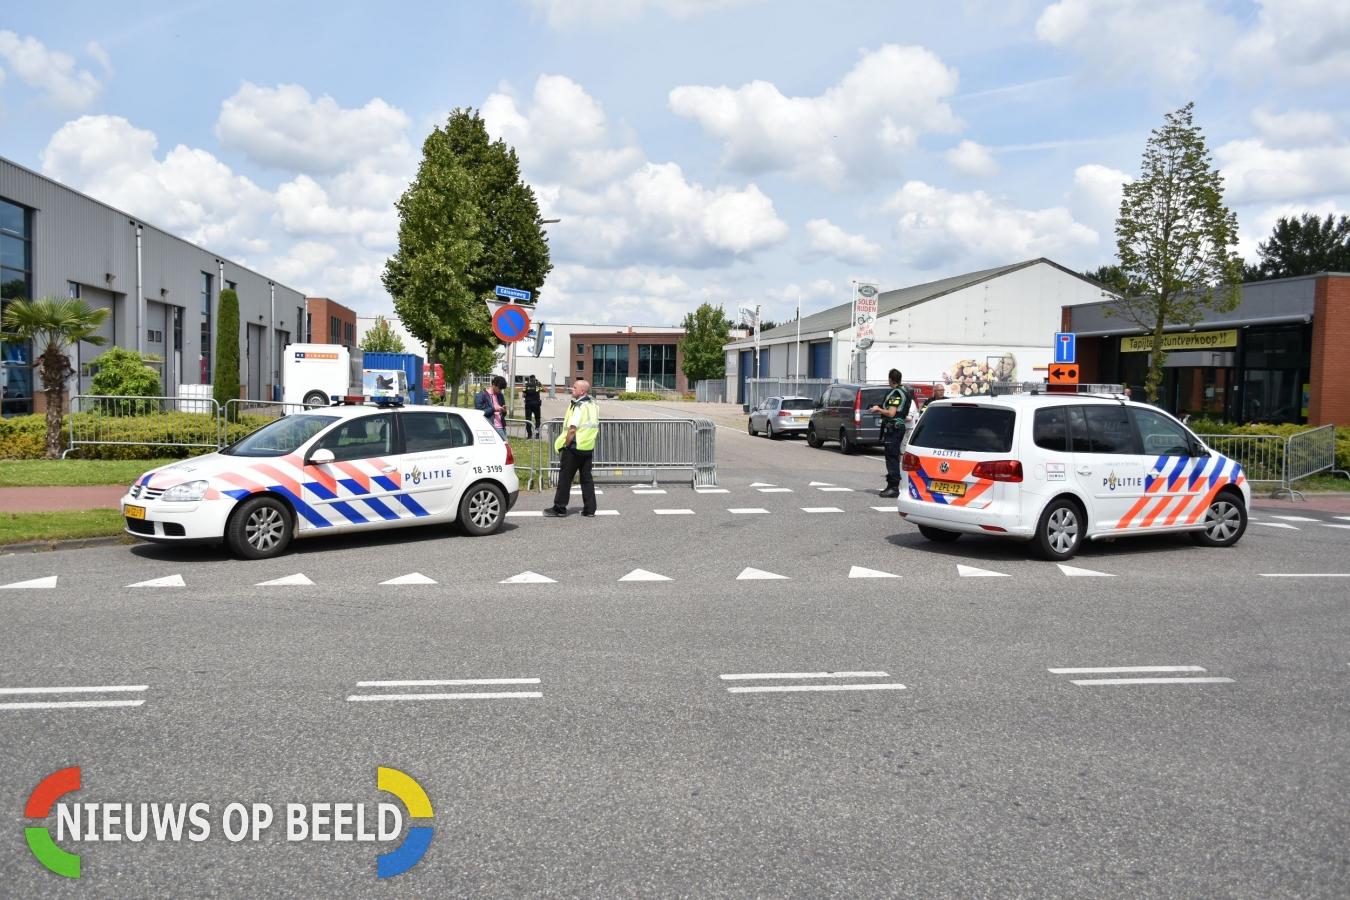 Bommeldingen bij hetzelfde bedrijf in Strijen en Werkendam